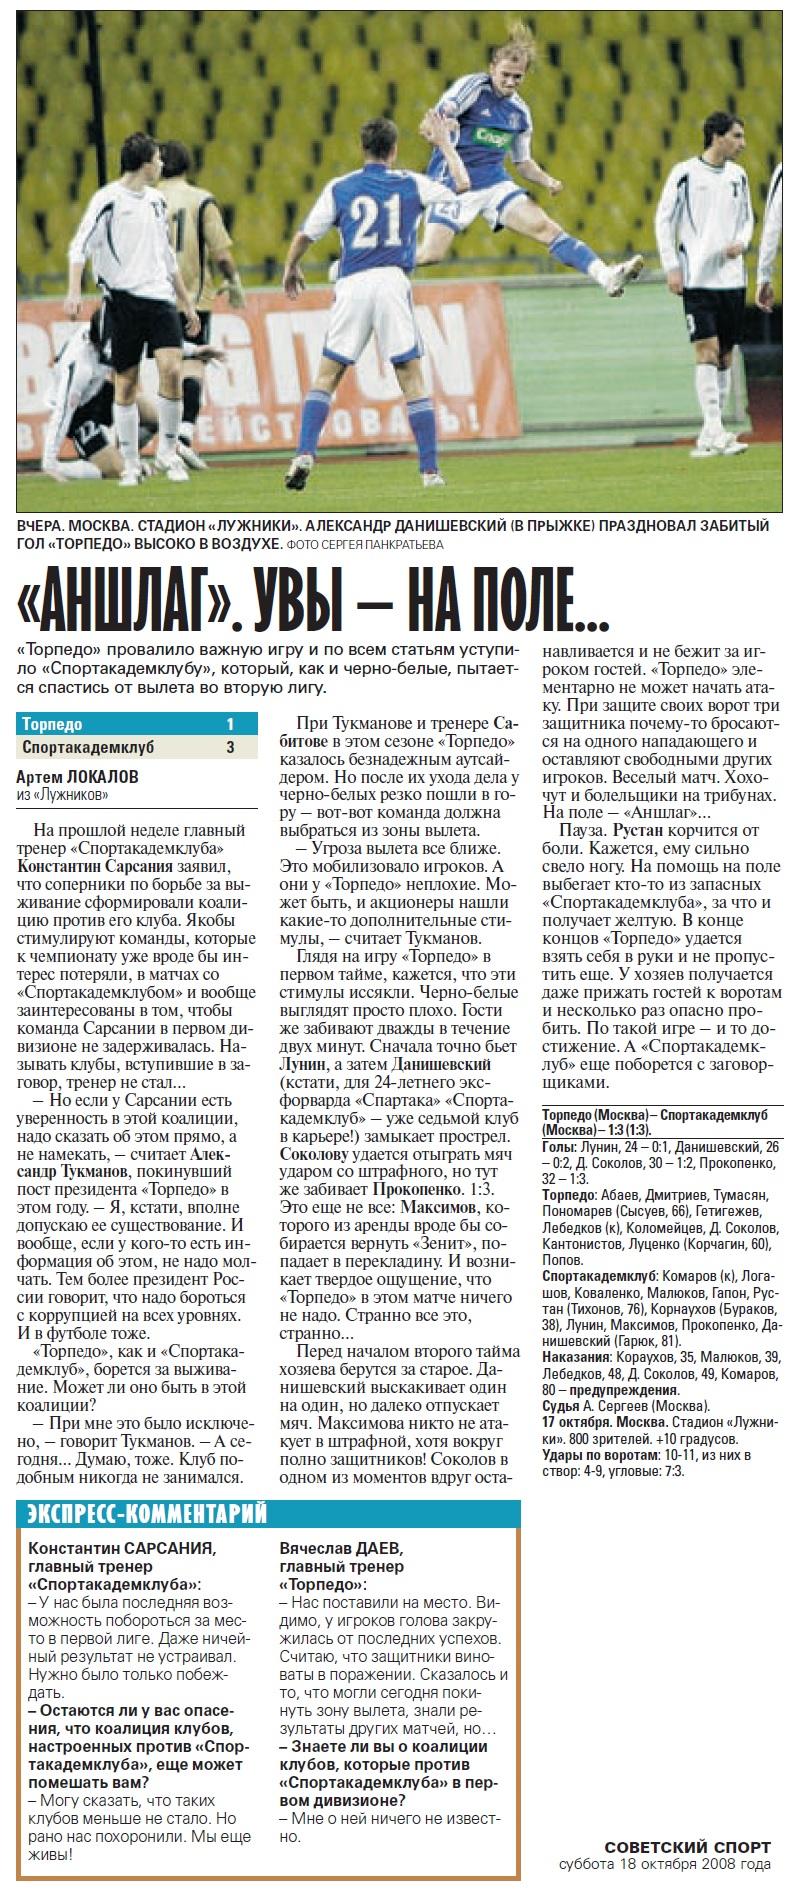 Торпедо (Москва) - Спортакадемклуб (Москва) 1:3